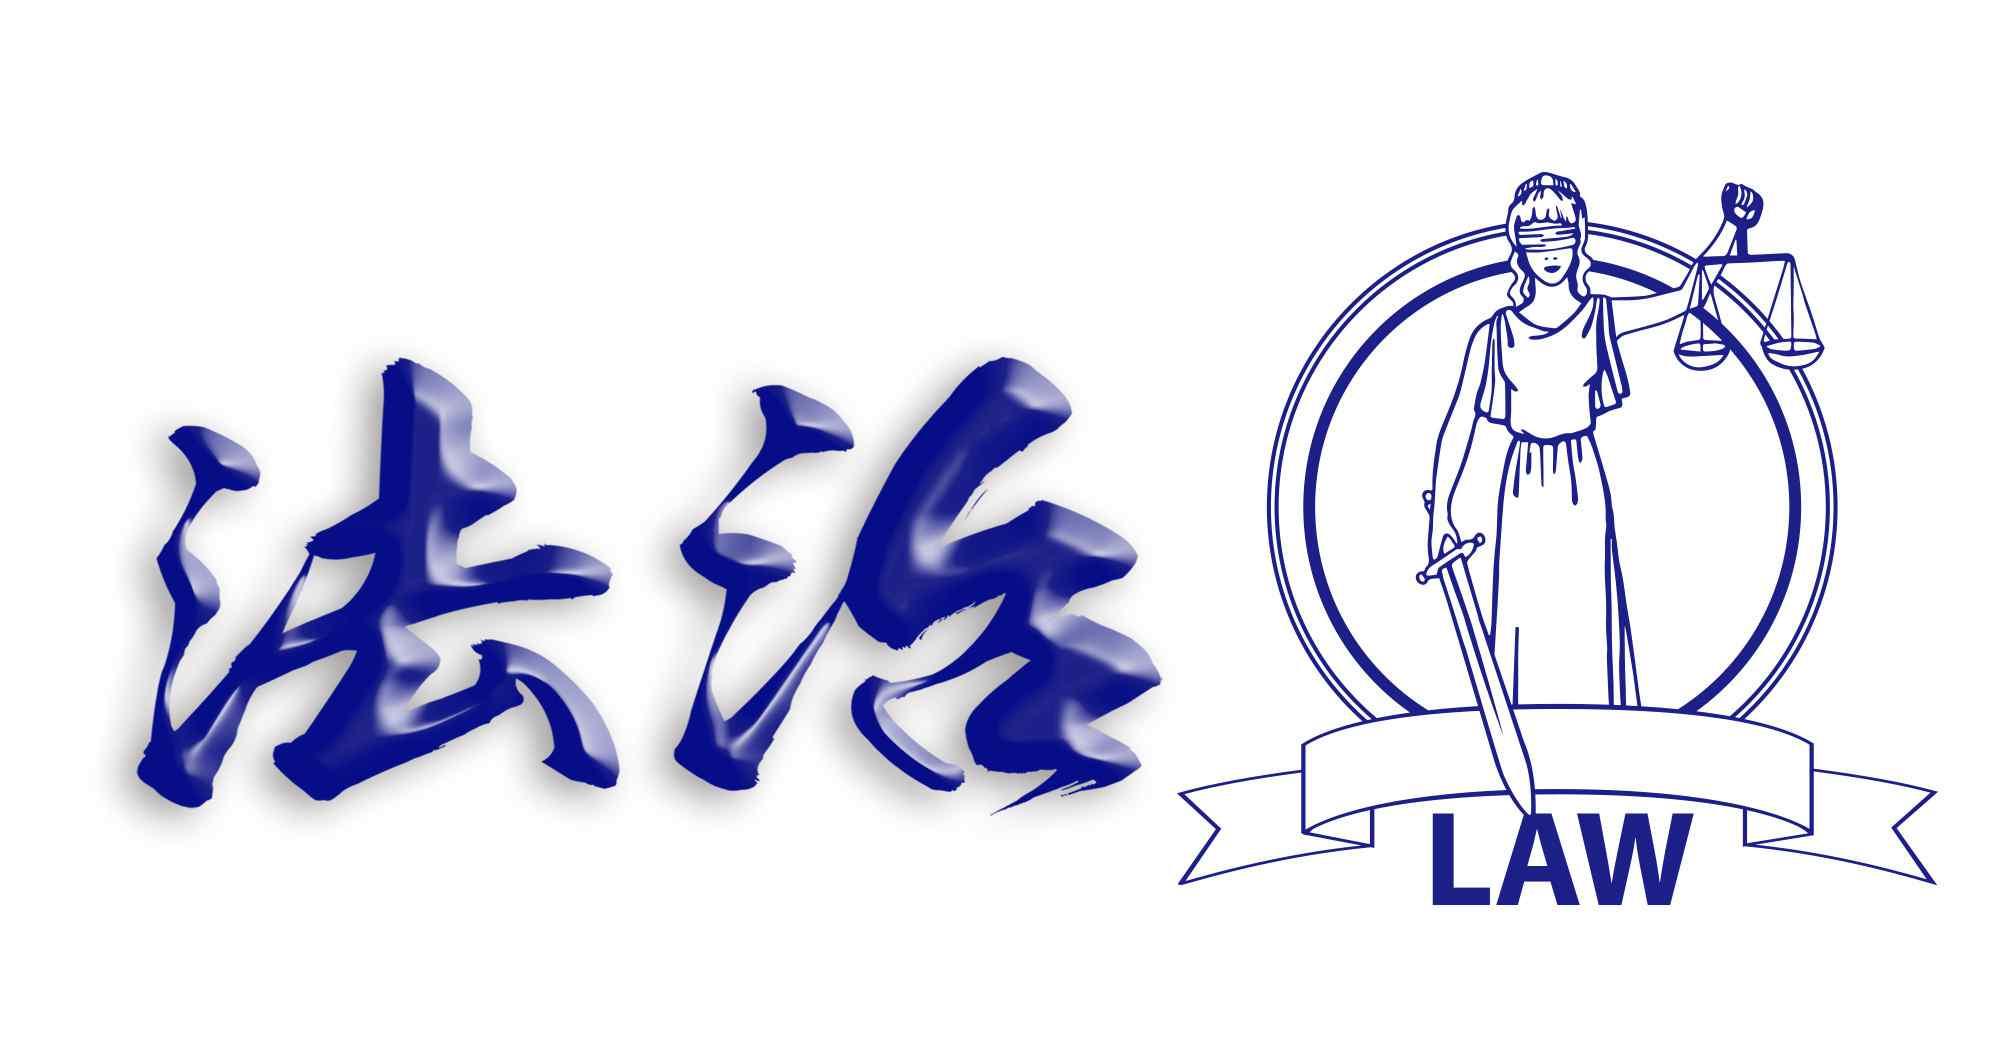 """微信兼职 """"微信兼职""""骗局曝光,万人""""日结工资""""打水漂"""